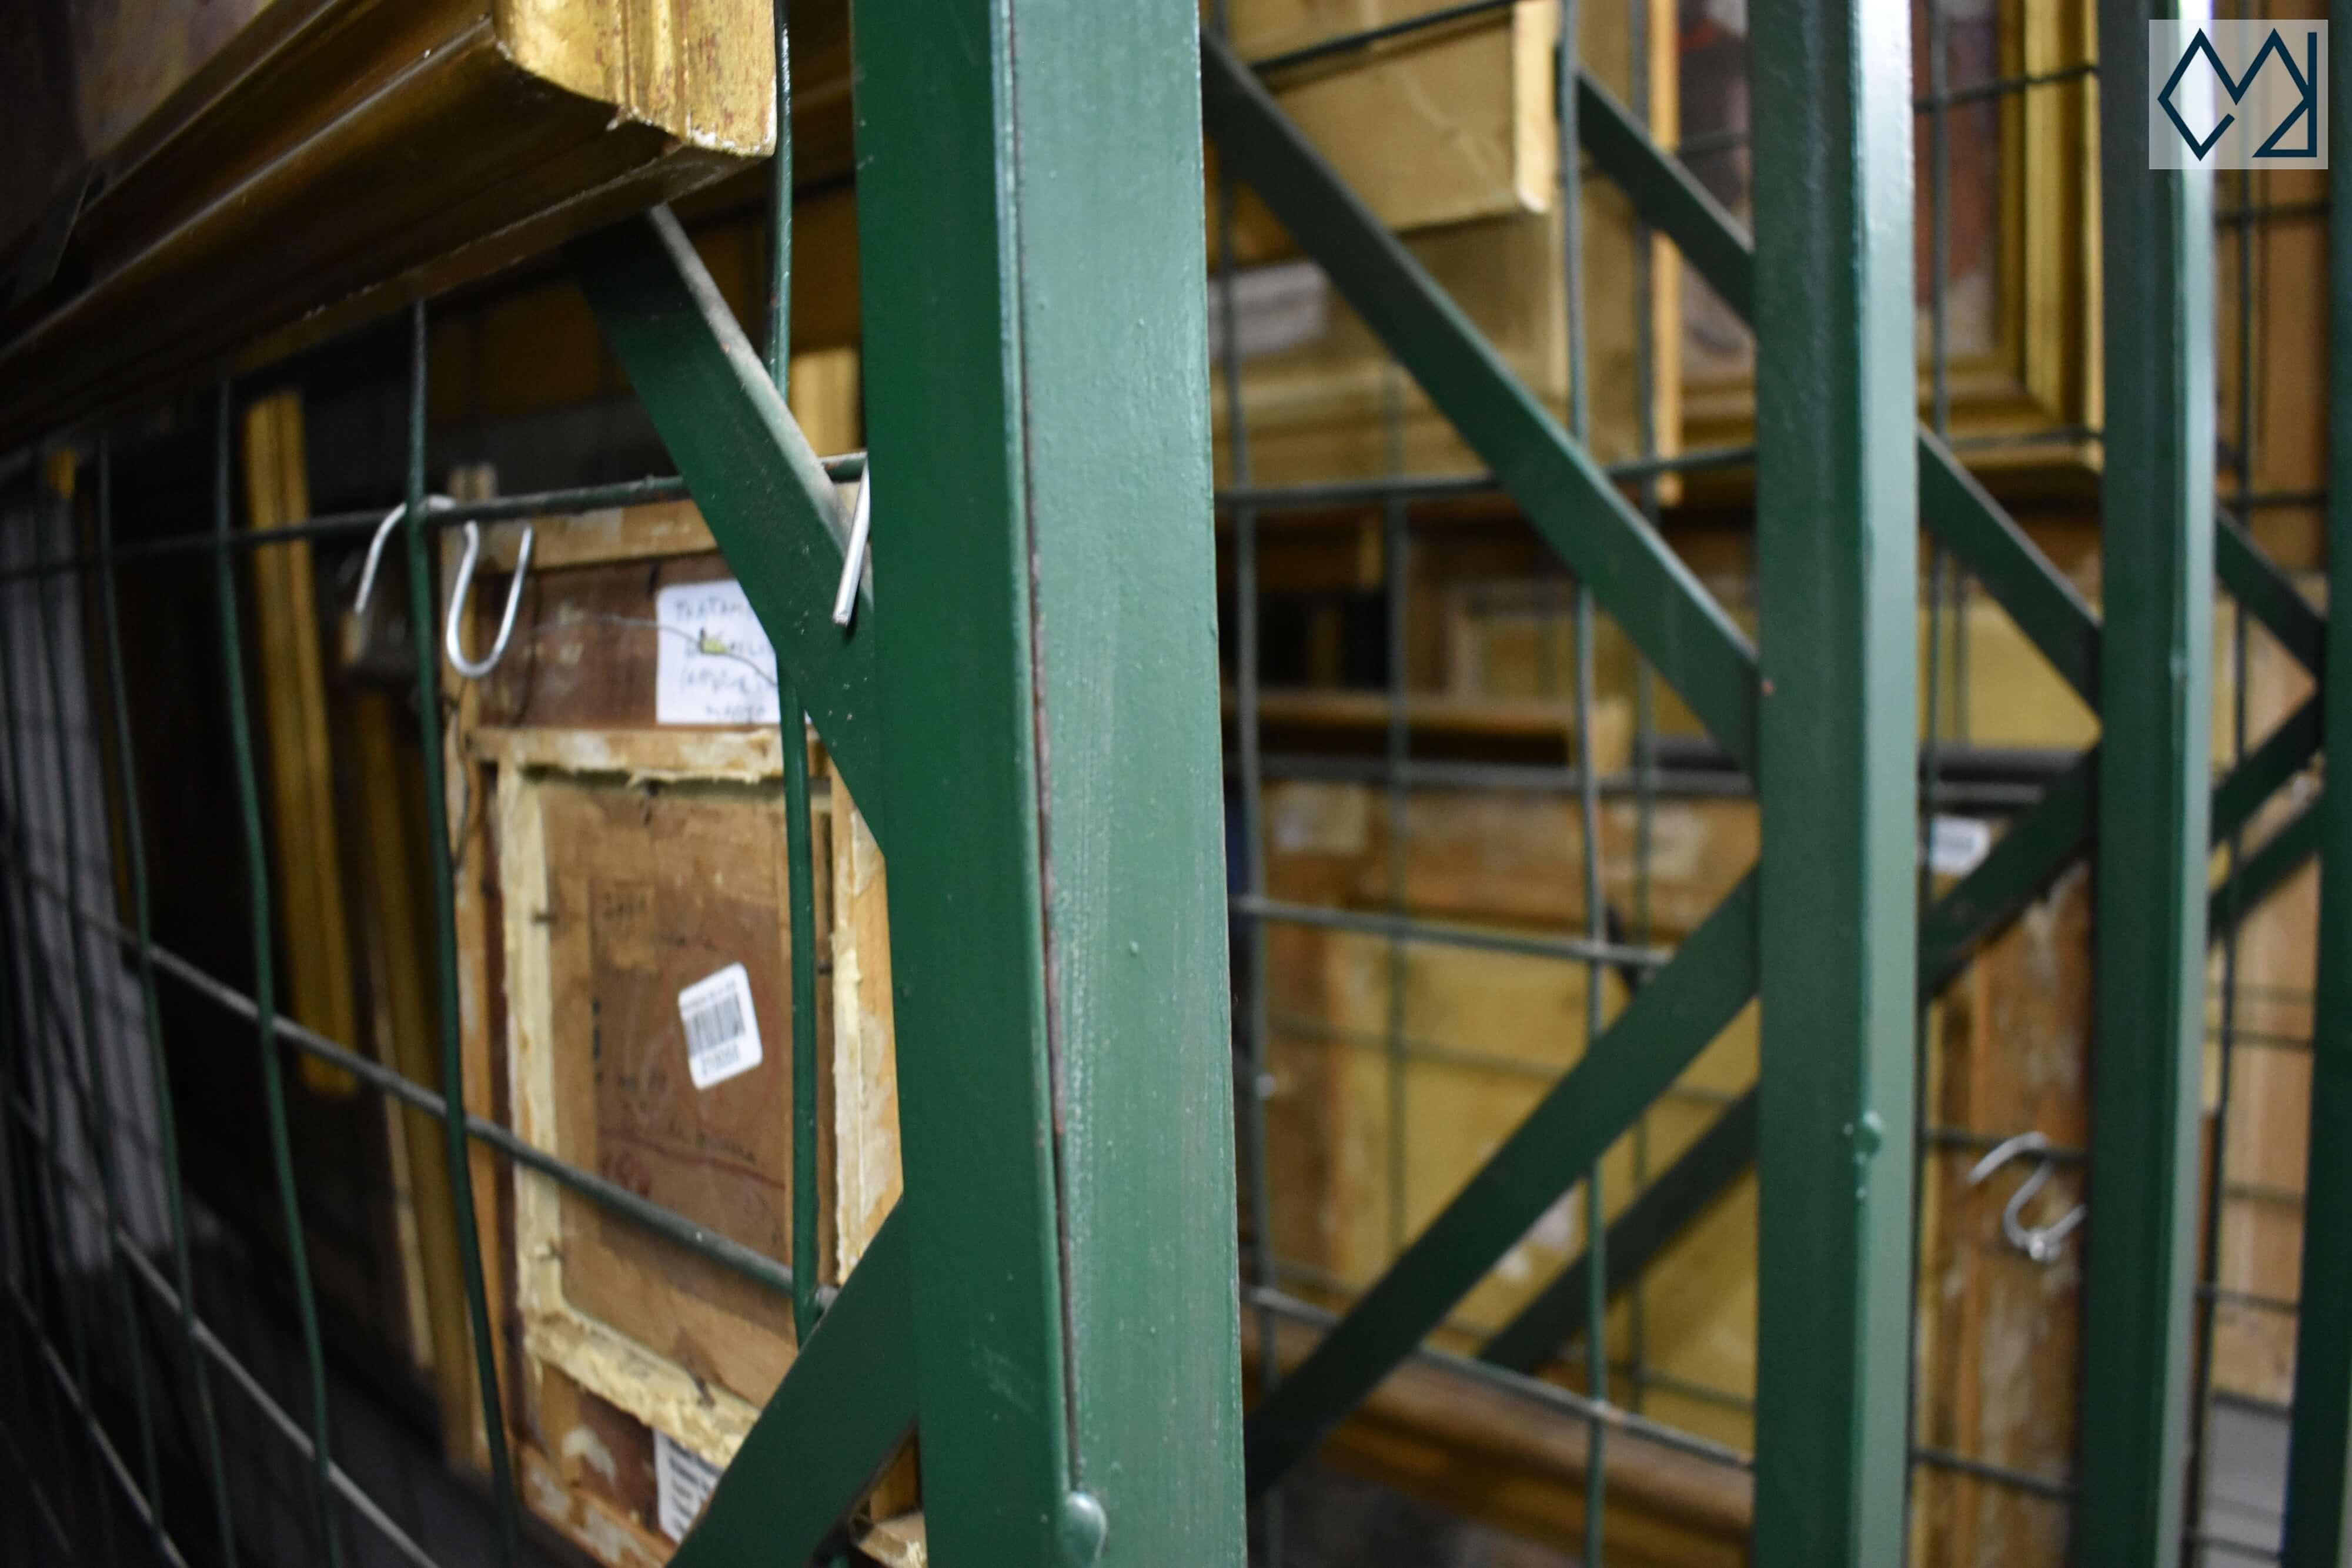 Peines para colgar obras en el sótano del museo Blanes